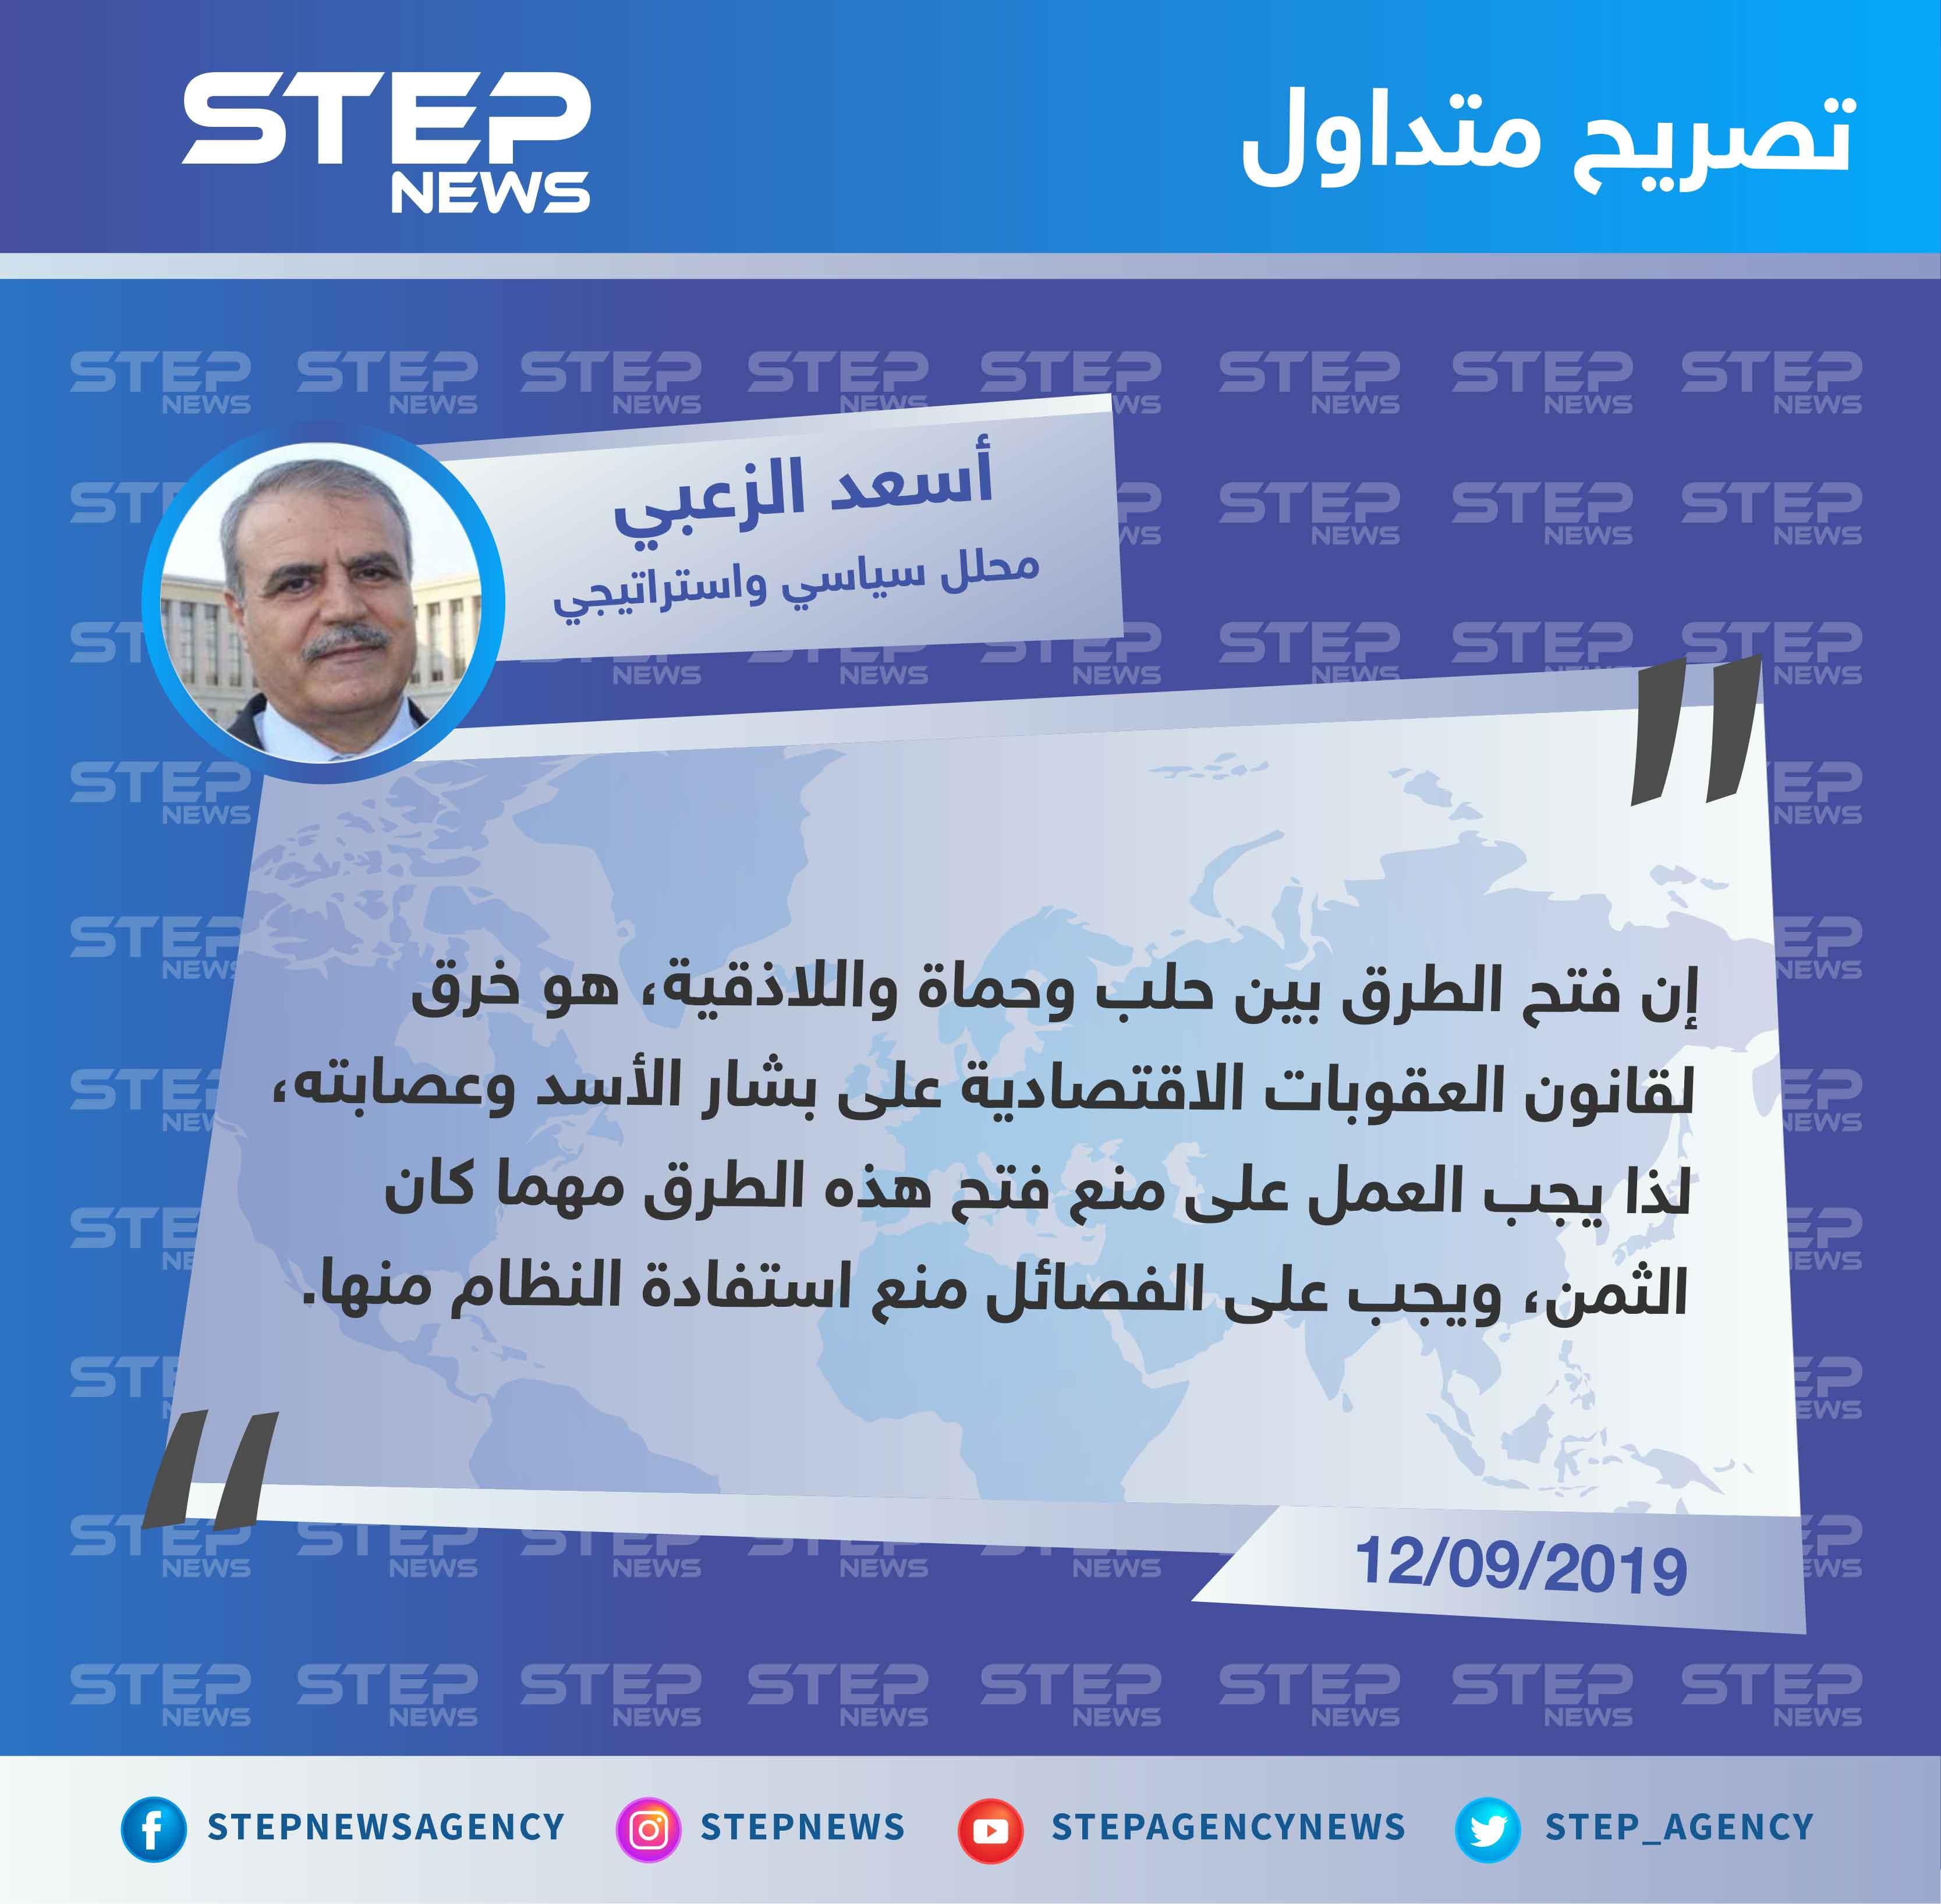 محلل سياسي : فتح الطرق بين حلب وحماة واللاذقية هو خرق لقانون العقوبات الاقتصادي على الأسد